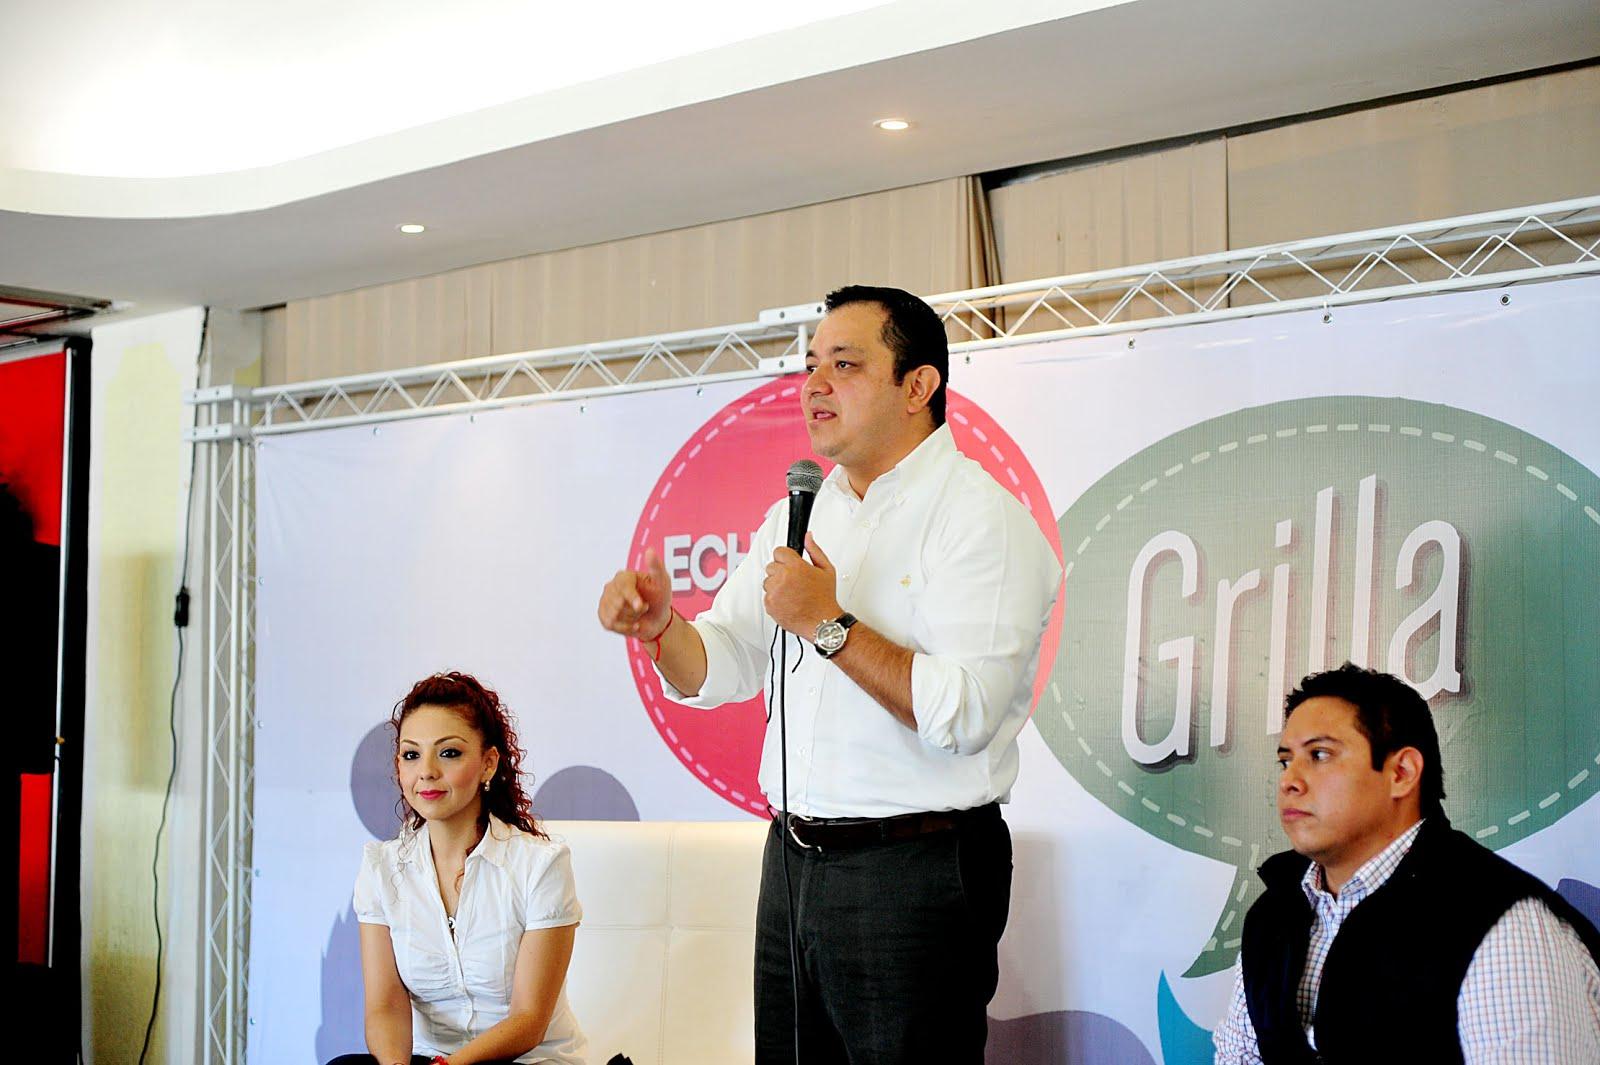 Los jóvenes, protagonistas del cambio: Américo Zúñiga